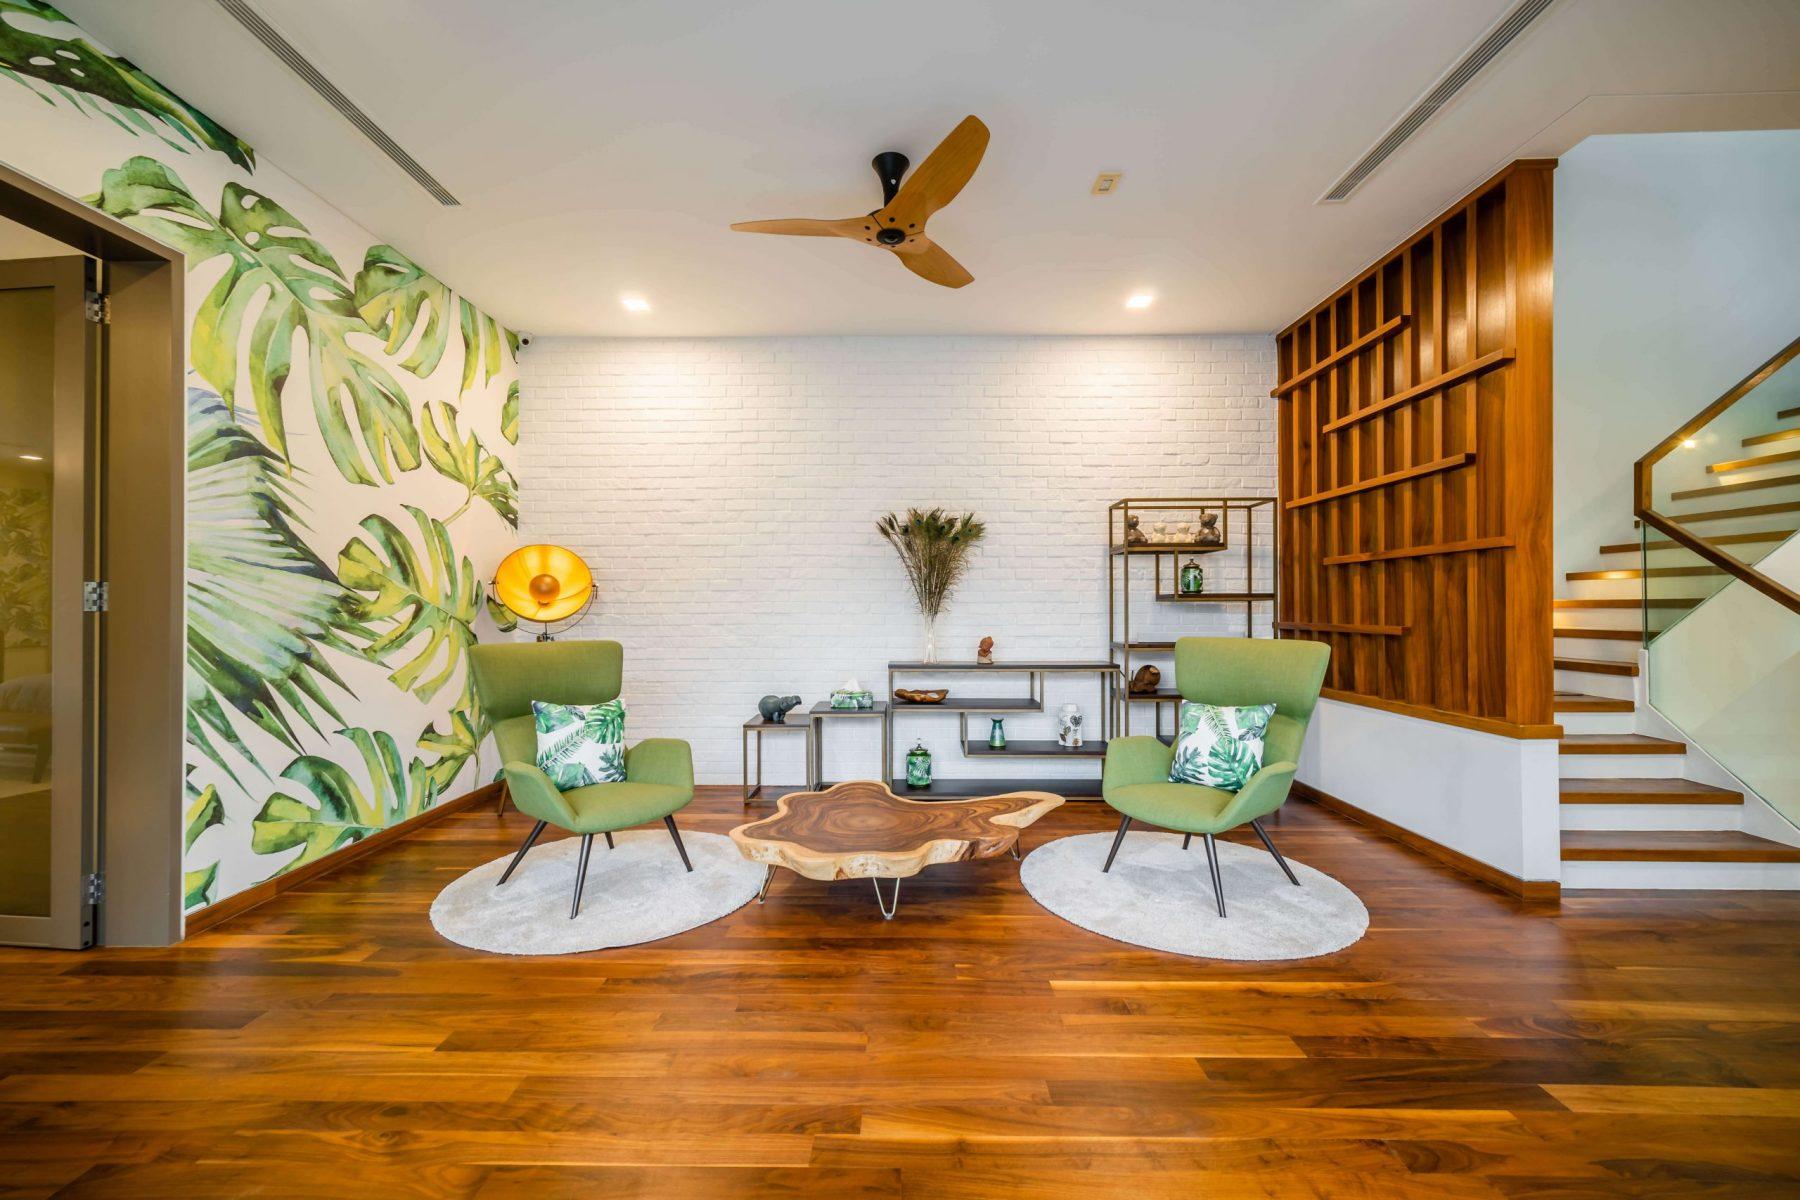 Singapore Interior Design: Get Natural with Scandinavian